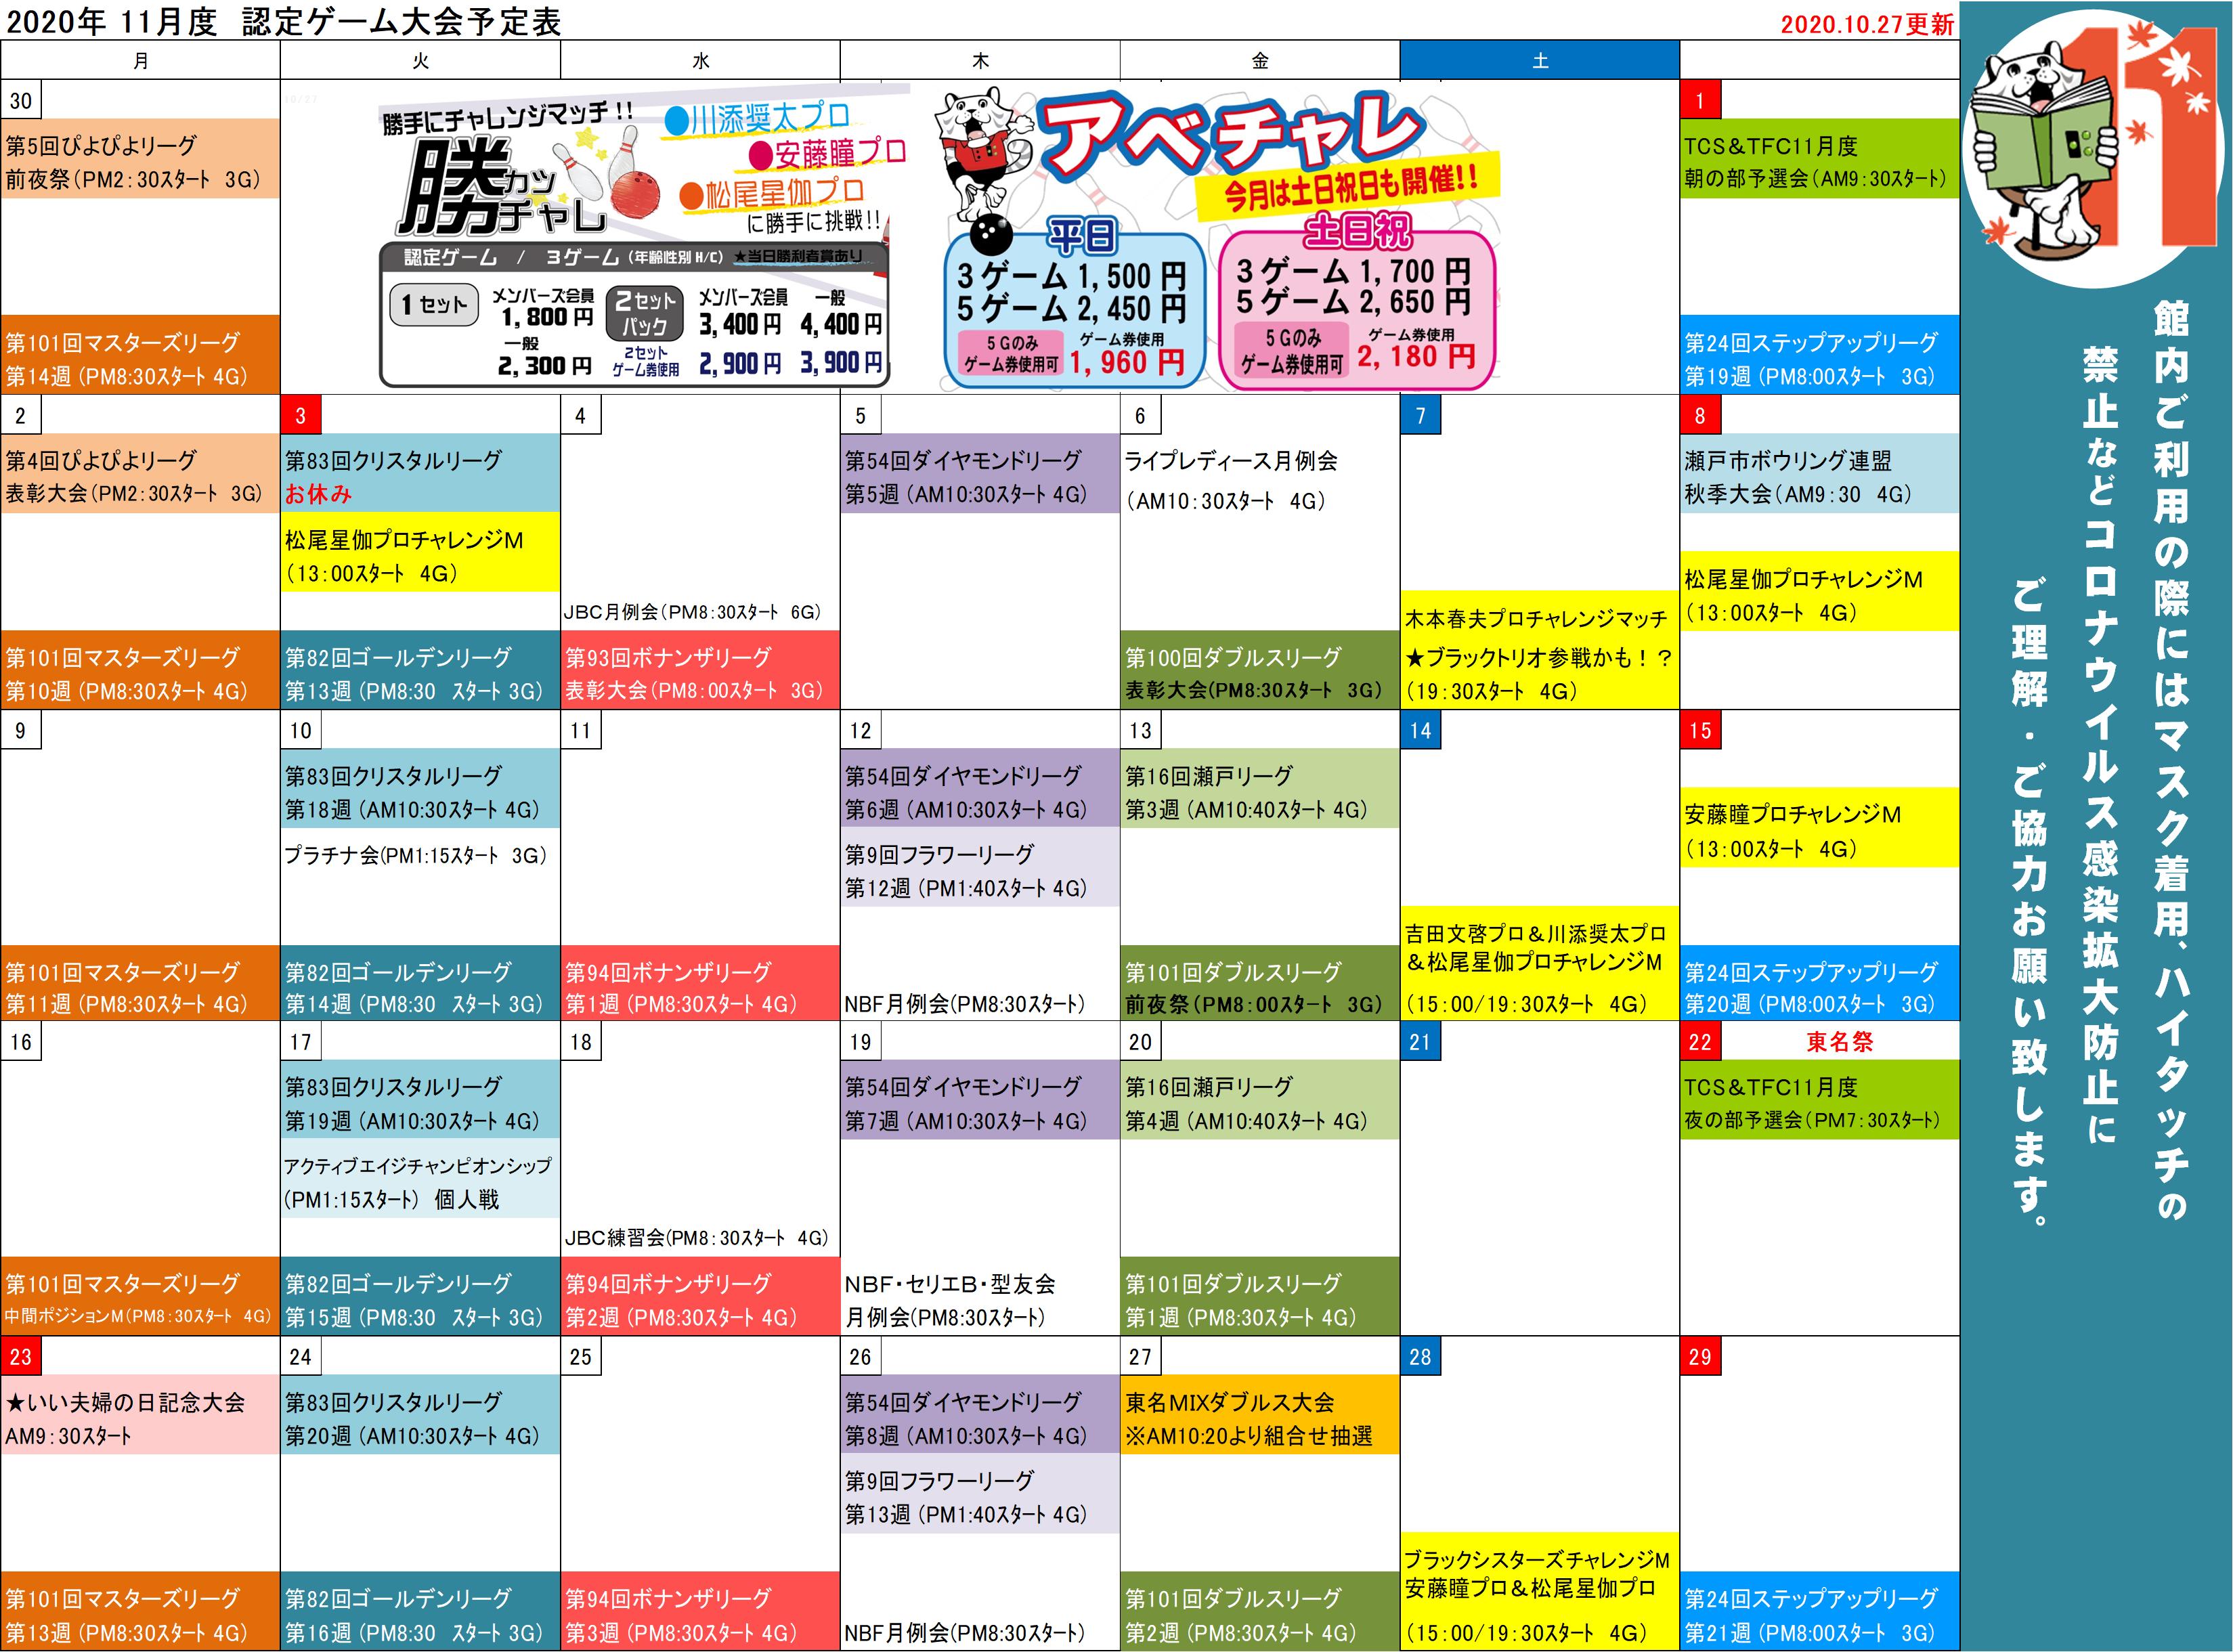 ★会員様向け★11月認定ゲーム大会予定表